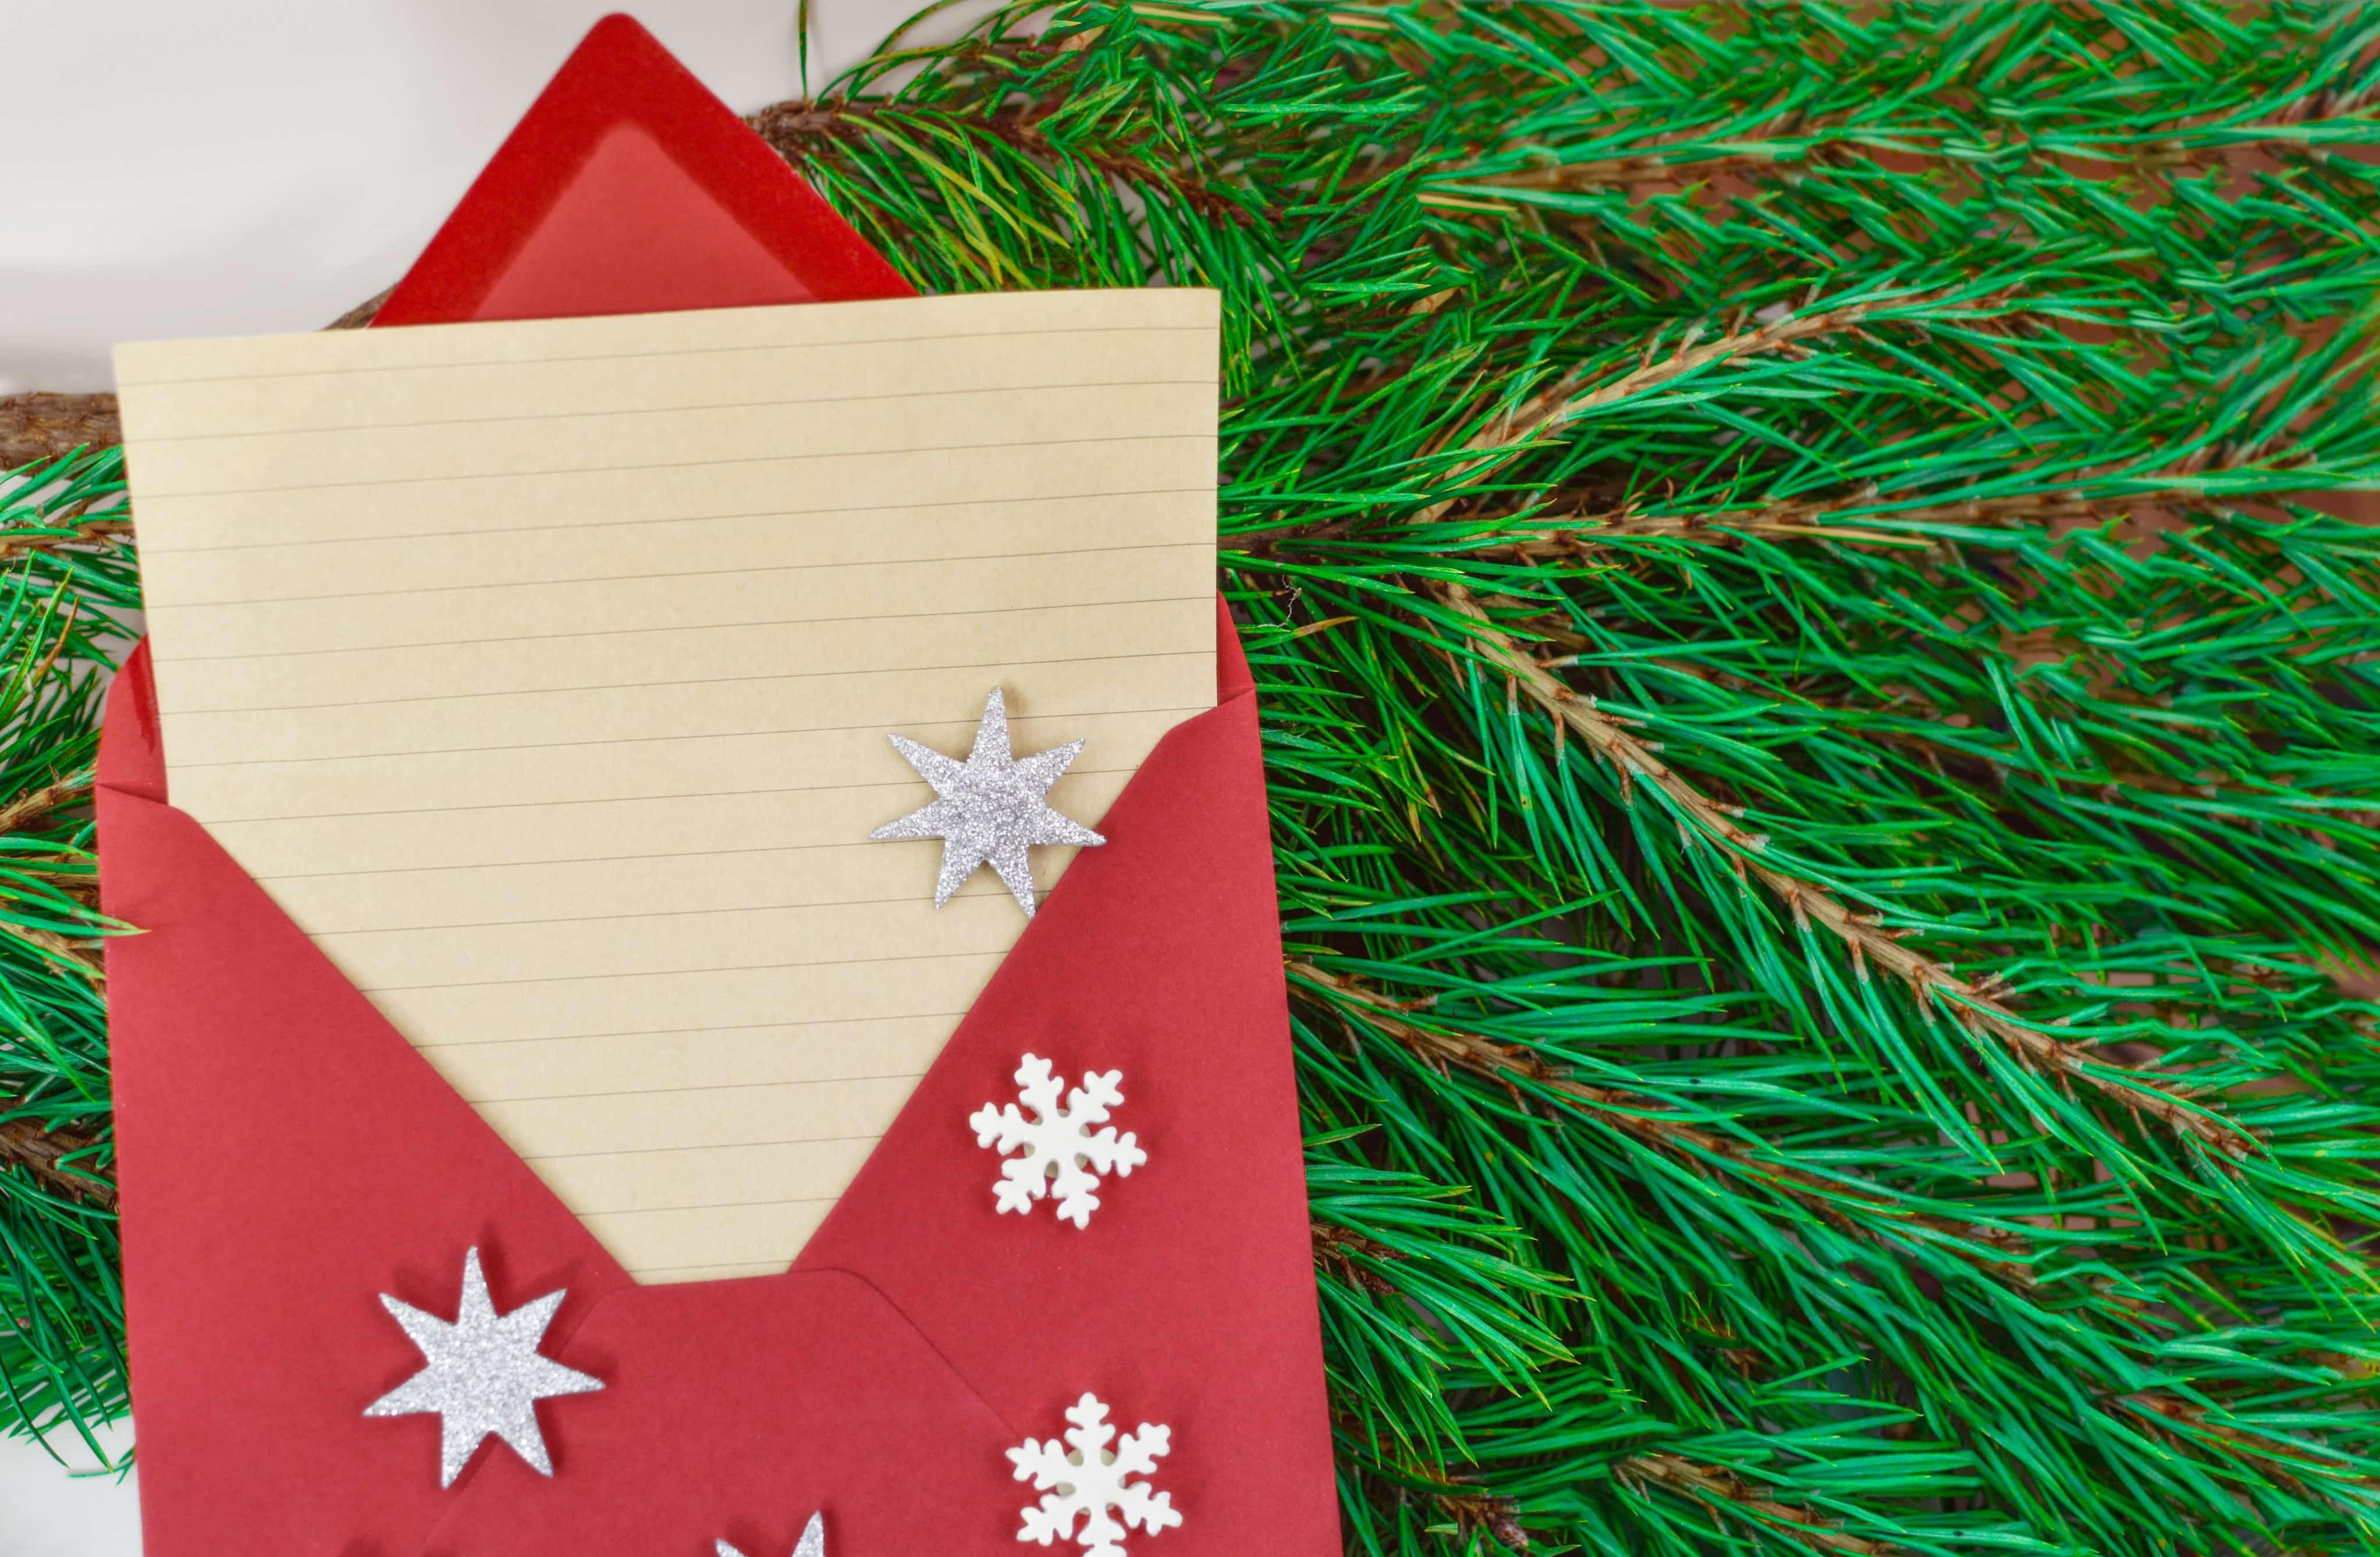 銀の星が散りばめられた赤い封筒に入った手紙